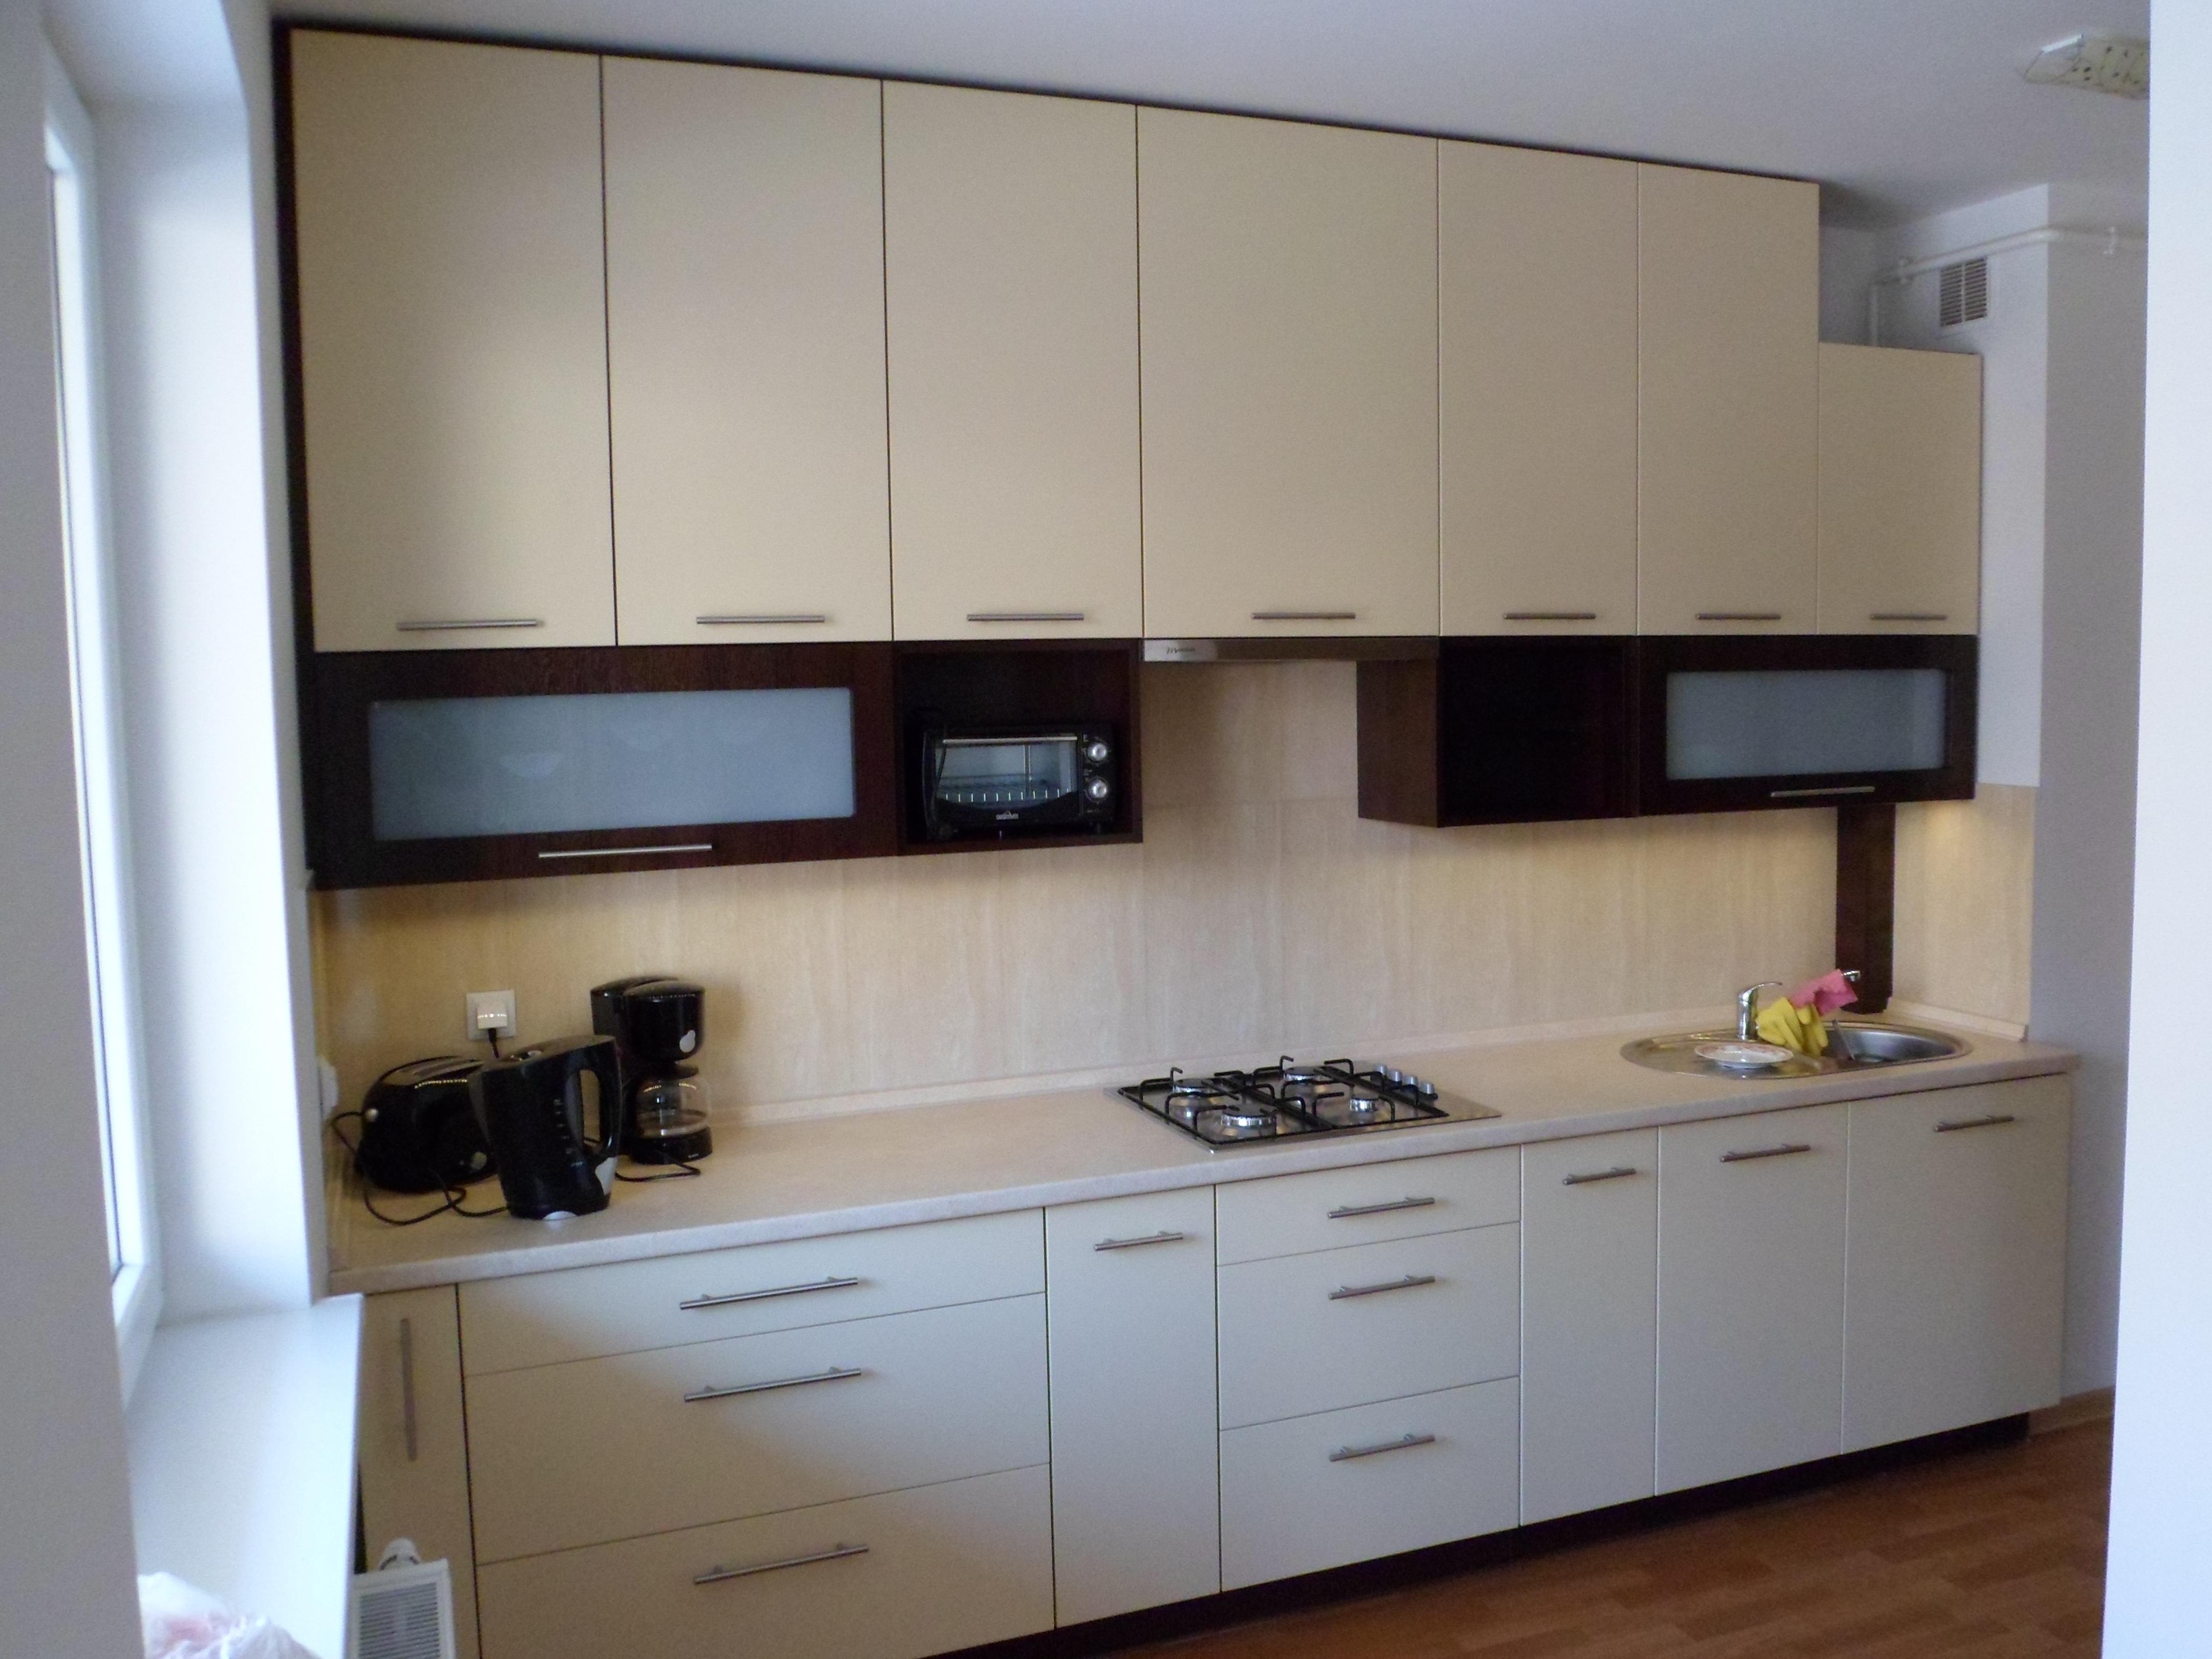 meble kuchenne �243dź �adne kuchnie zdjęcia �owicz ma�a